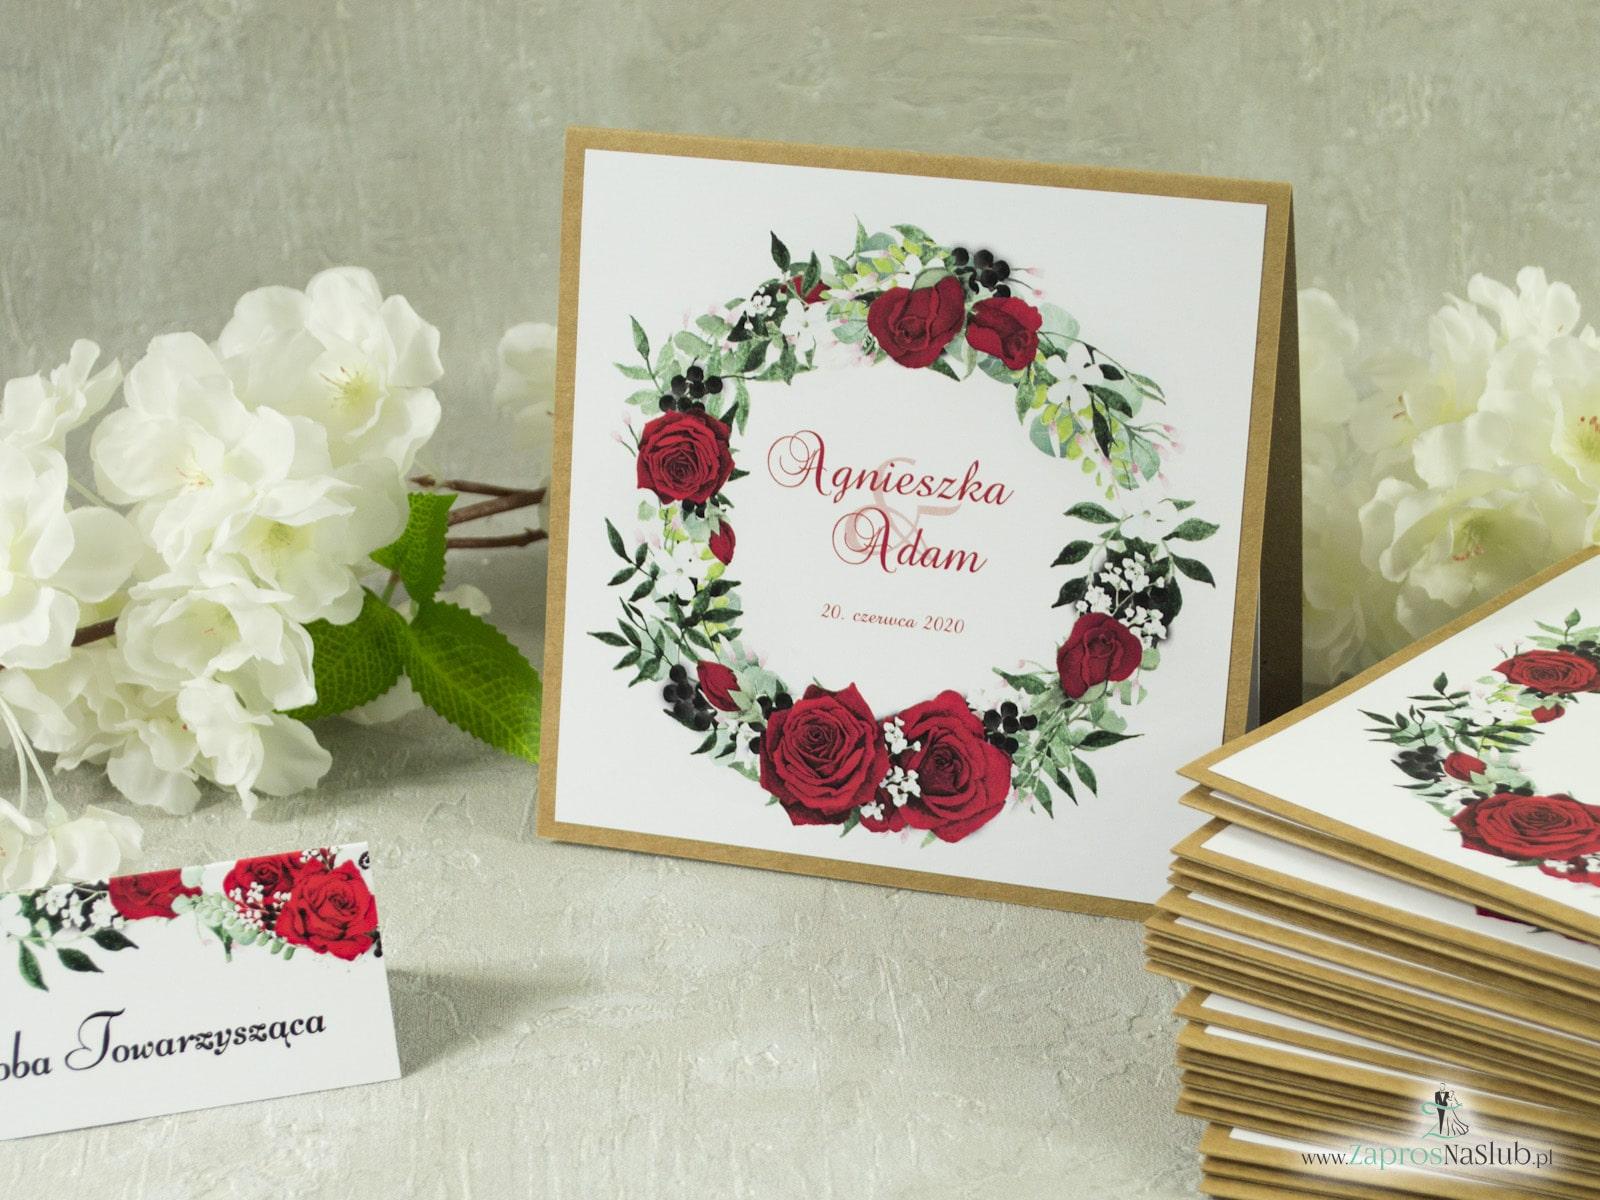 Zaproszenia ślubne z wiankami wraz z dodatkami